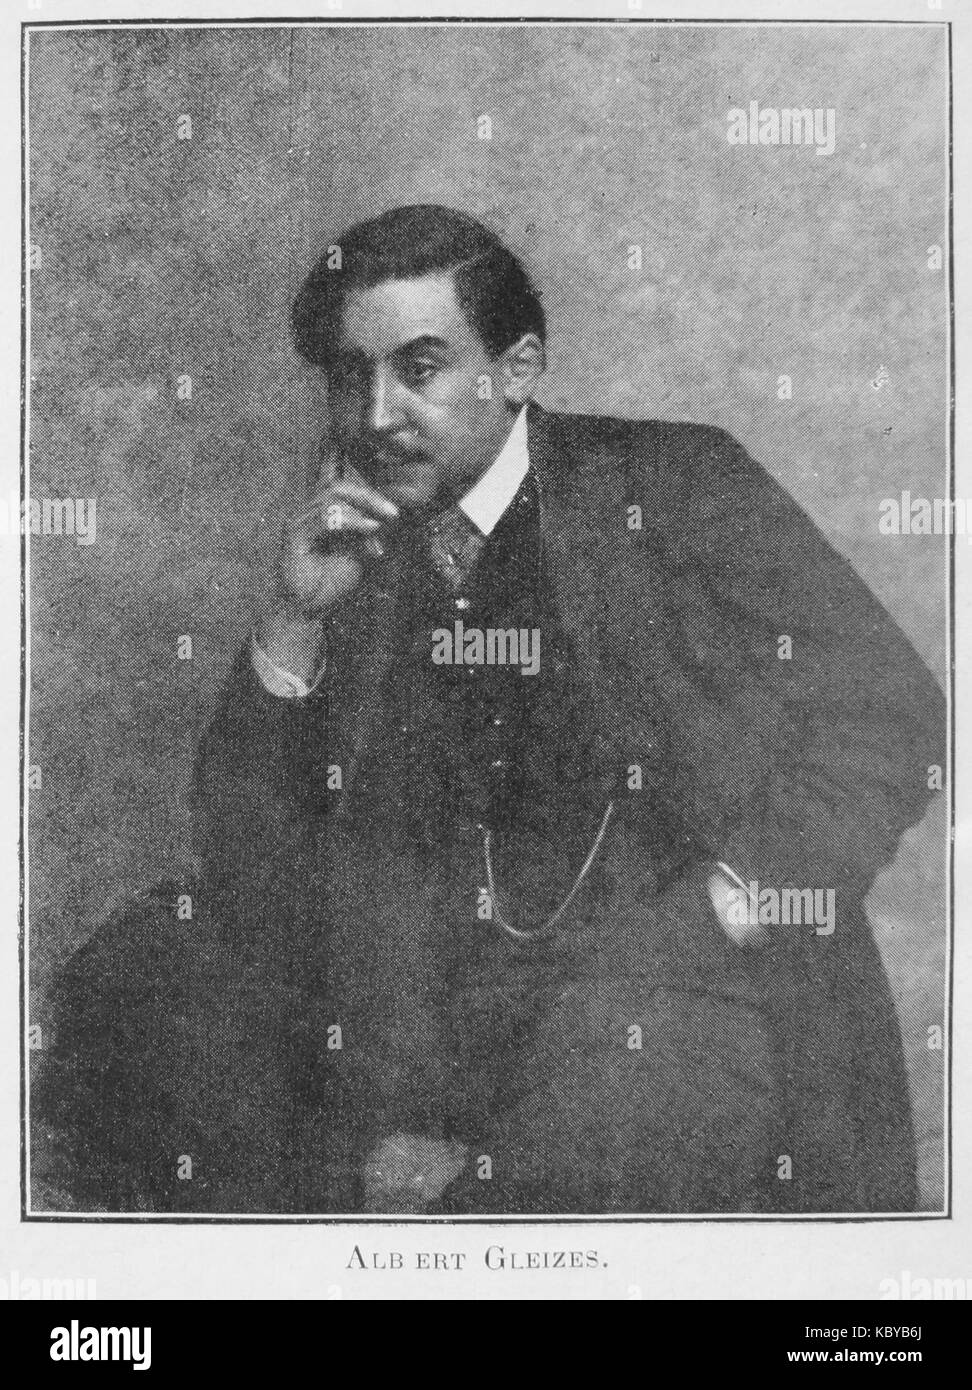 Albert Gleizes, portrait photograph, published in Les Peintres Cubistes, 1913 - Stock Image